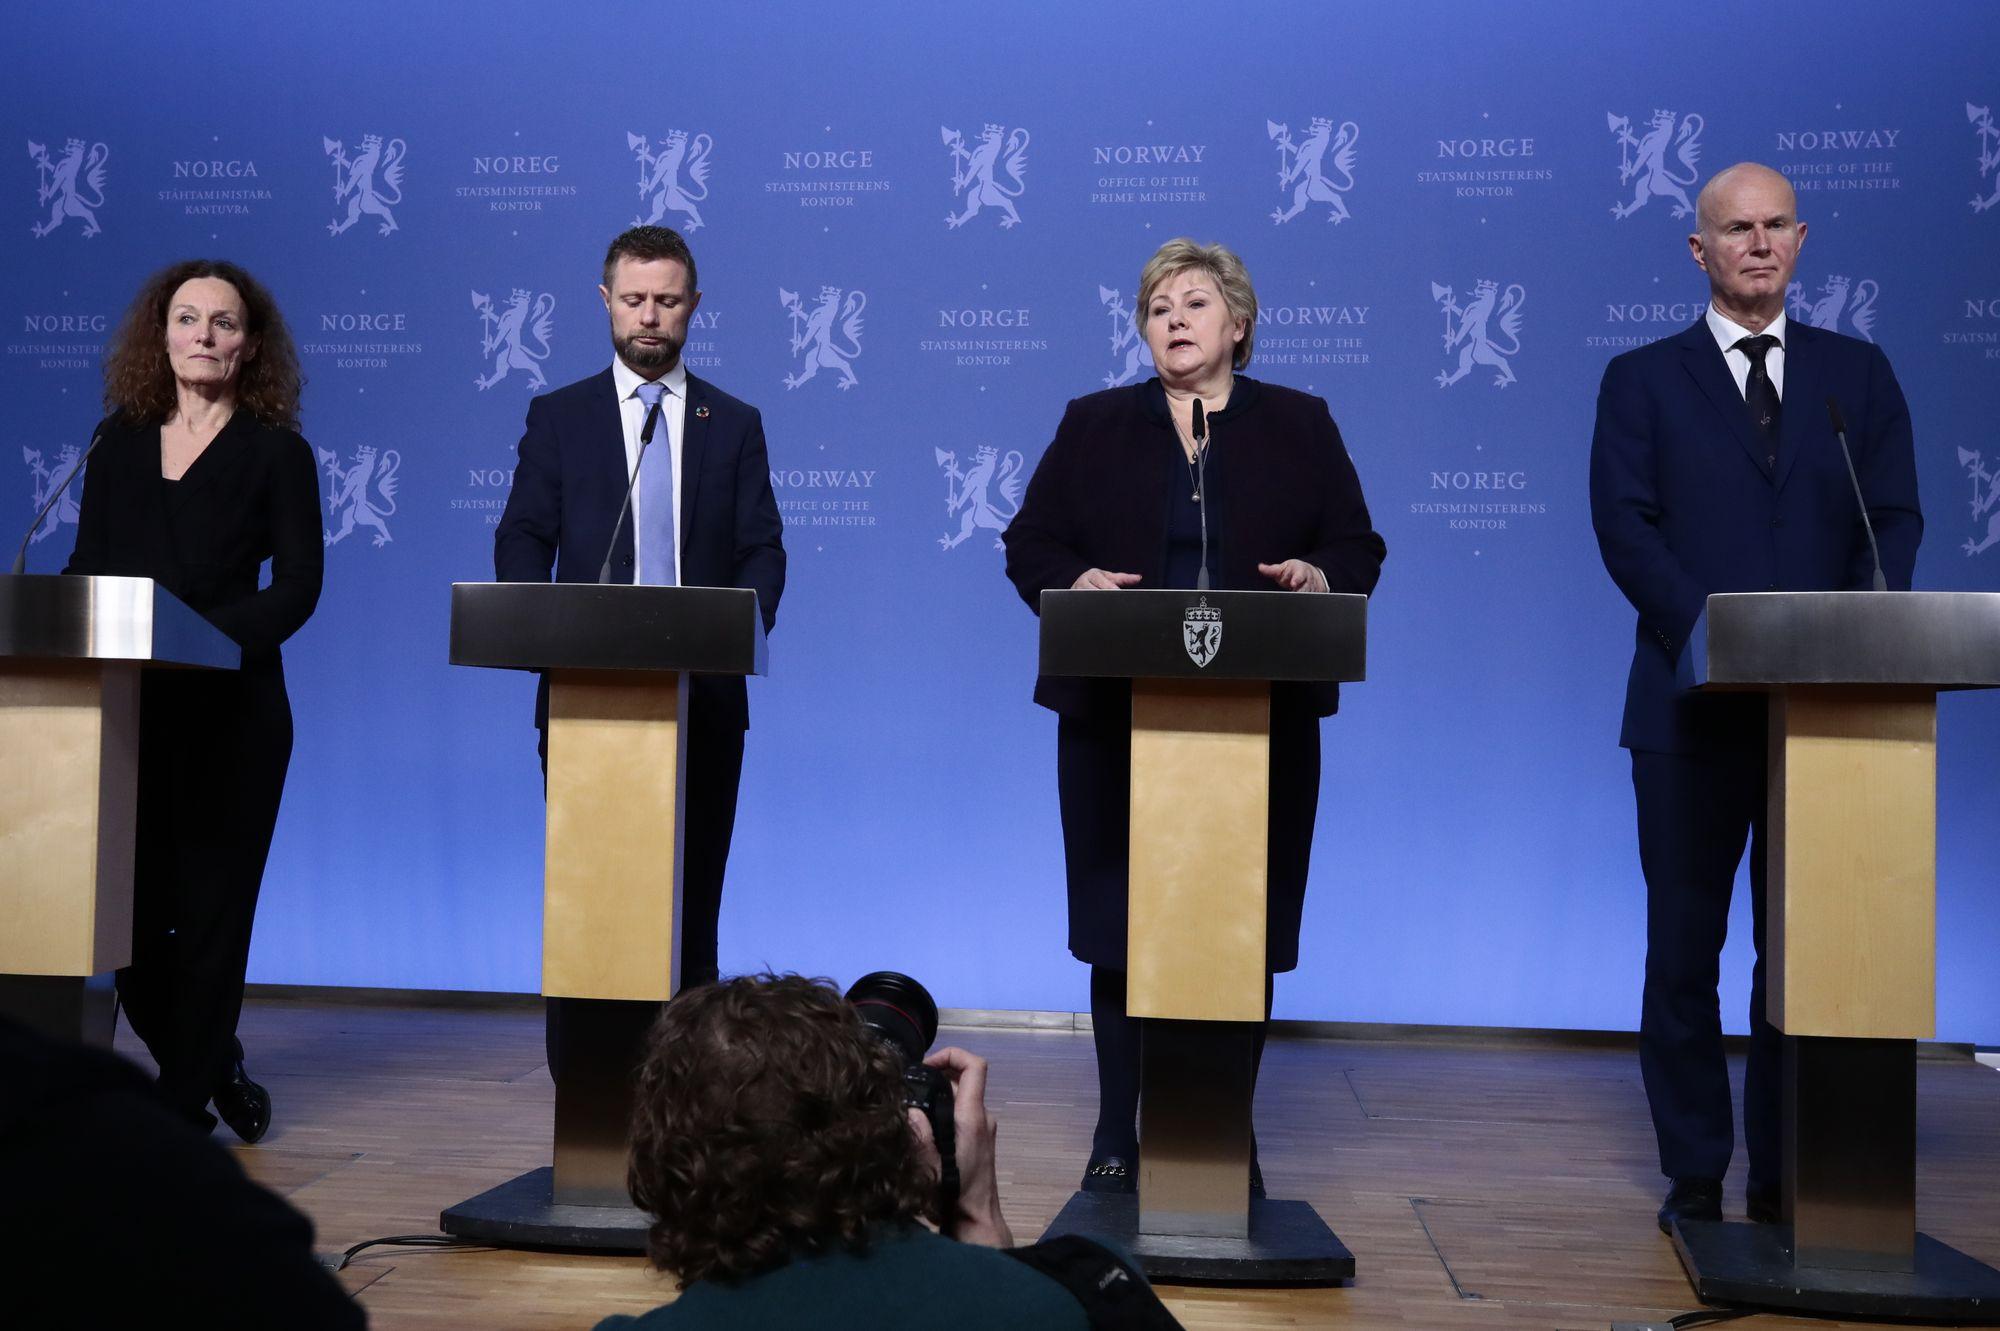 Statsministerens Kontor Tar Selvkritikk Etter Omstridt Mikrofondeling Pa Pressekonferanse Medier24 No